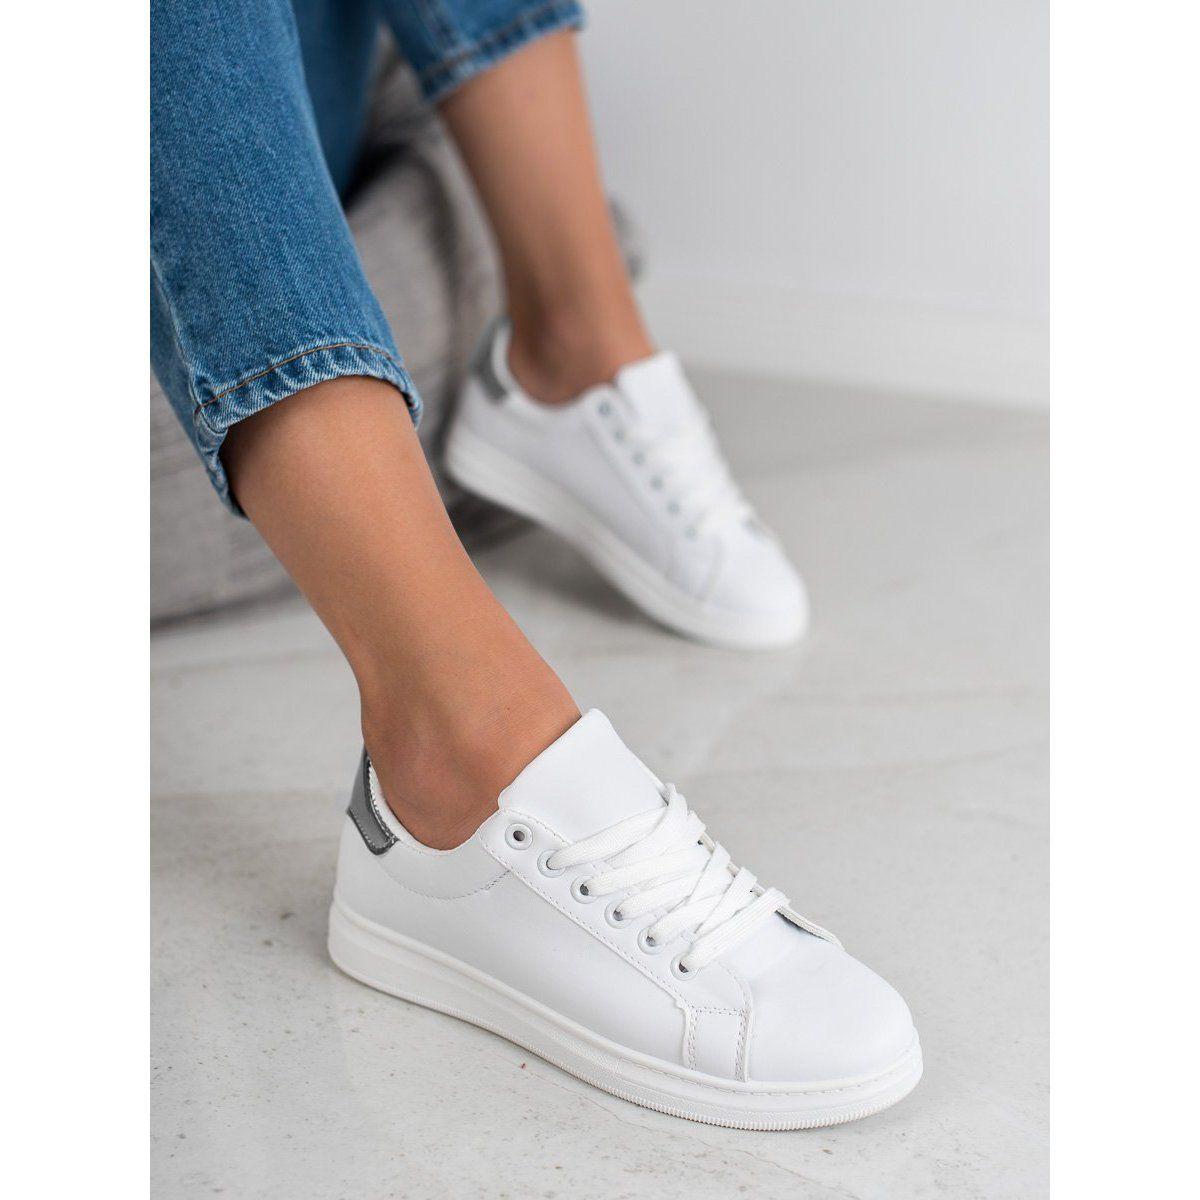 Jumex Modne Buty Sportowe Biale Shoes Sneakers White Sneaker